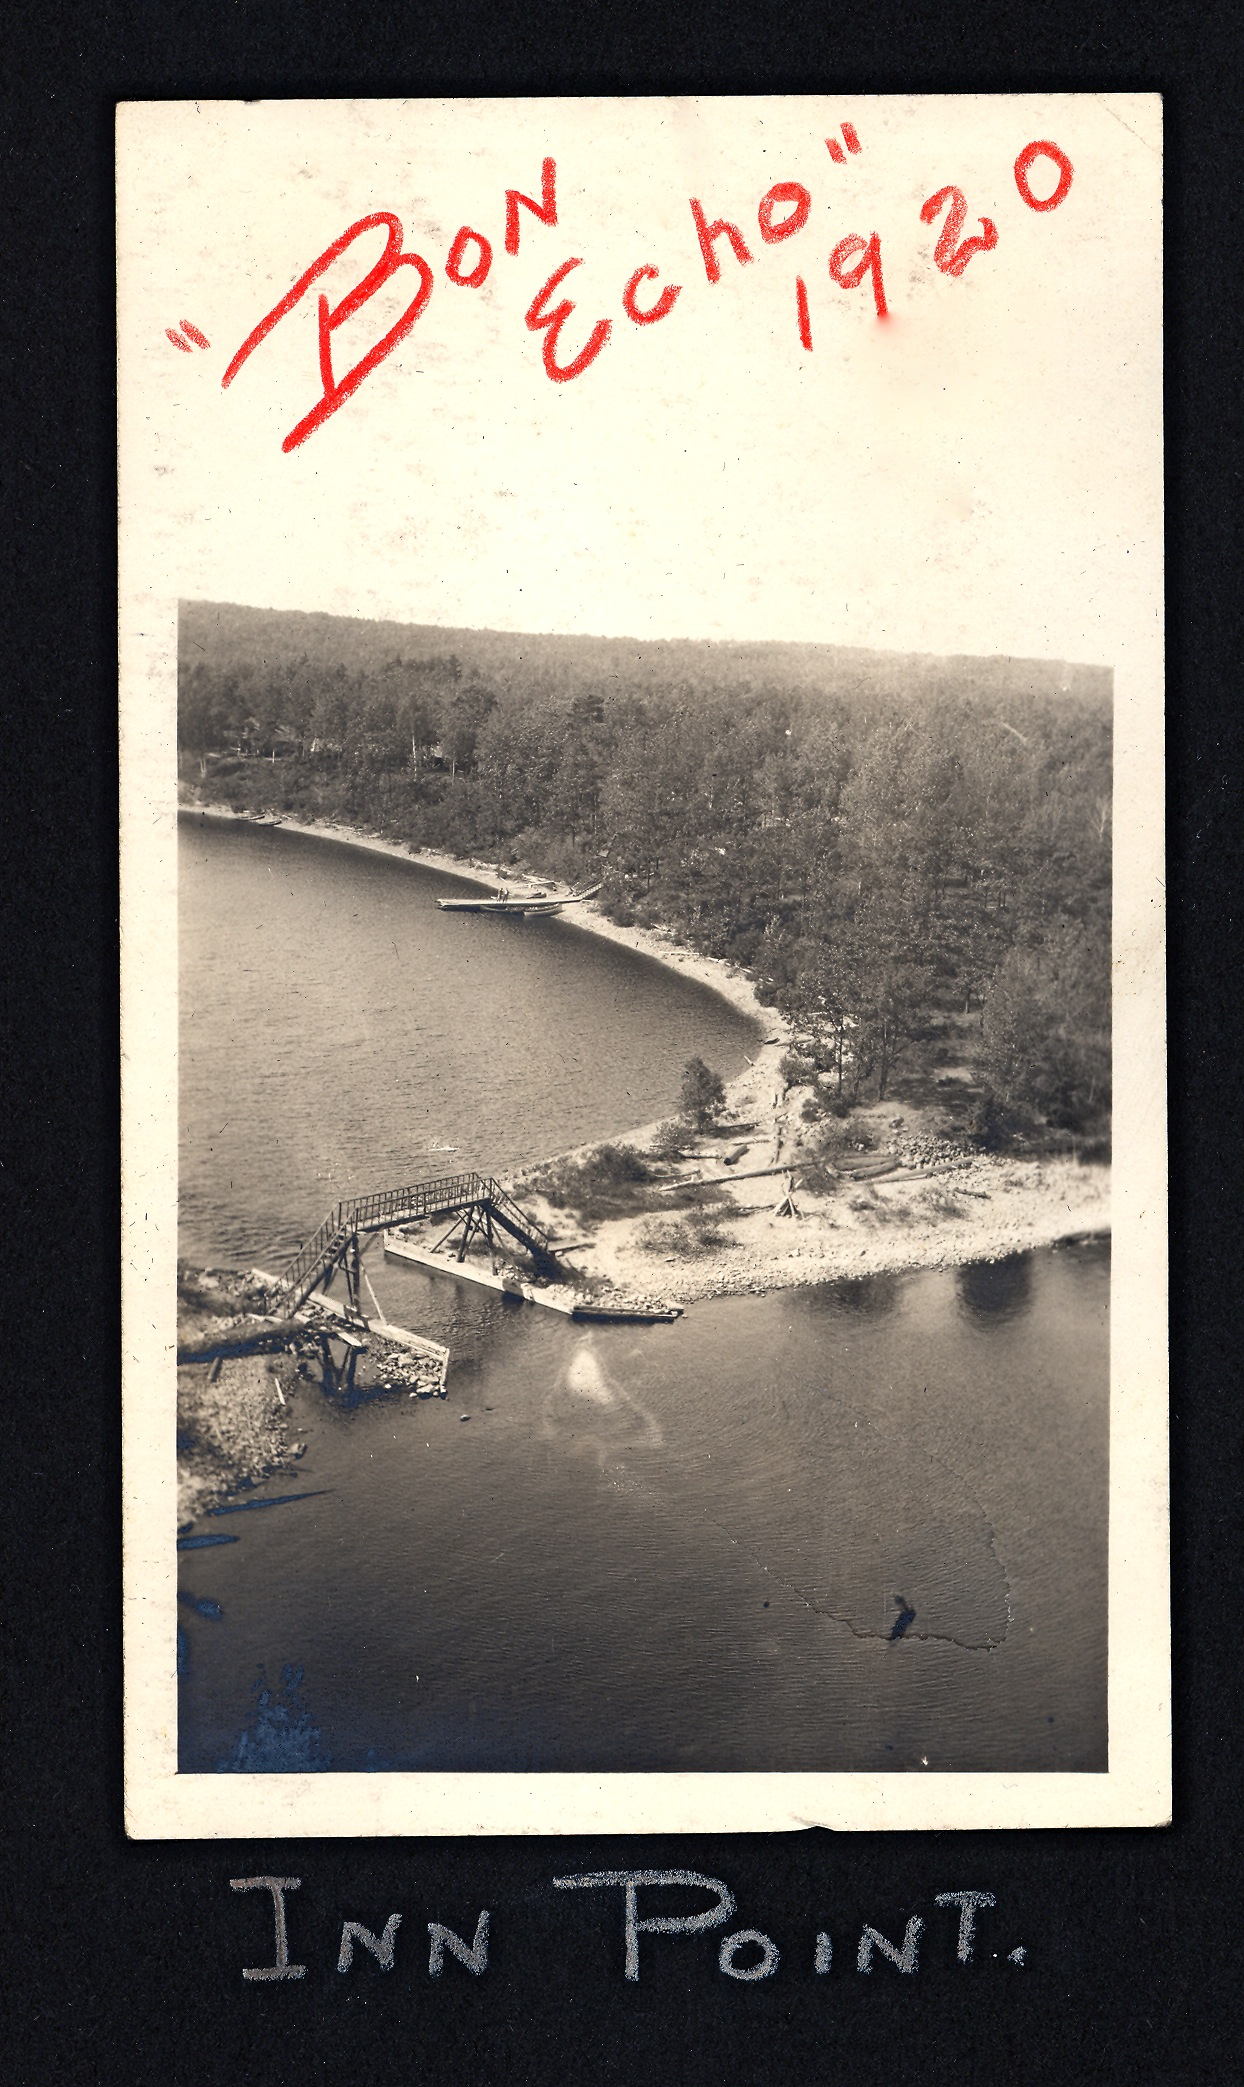 Bon Echo Inn Point and Bridge -1920